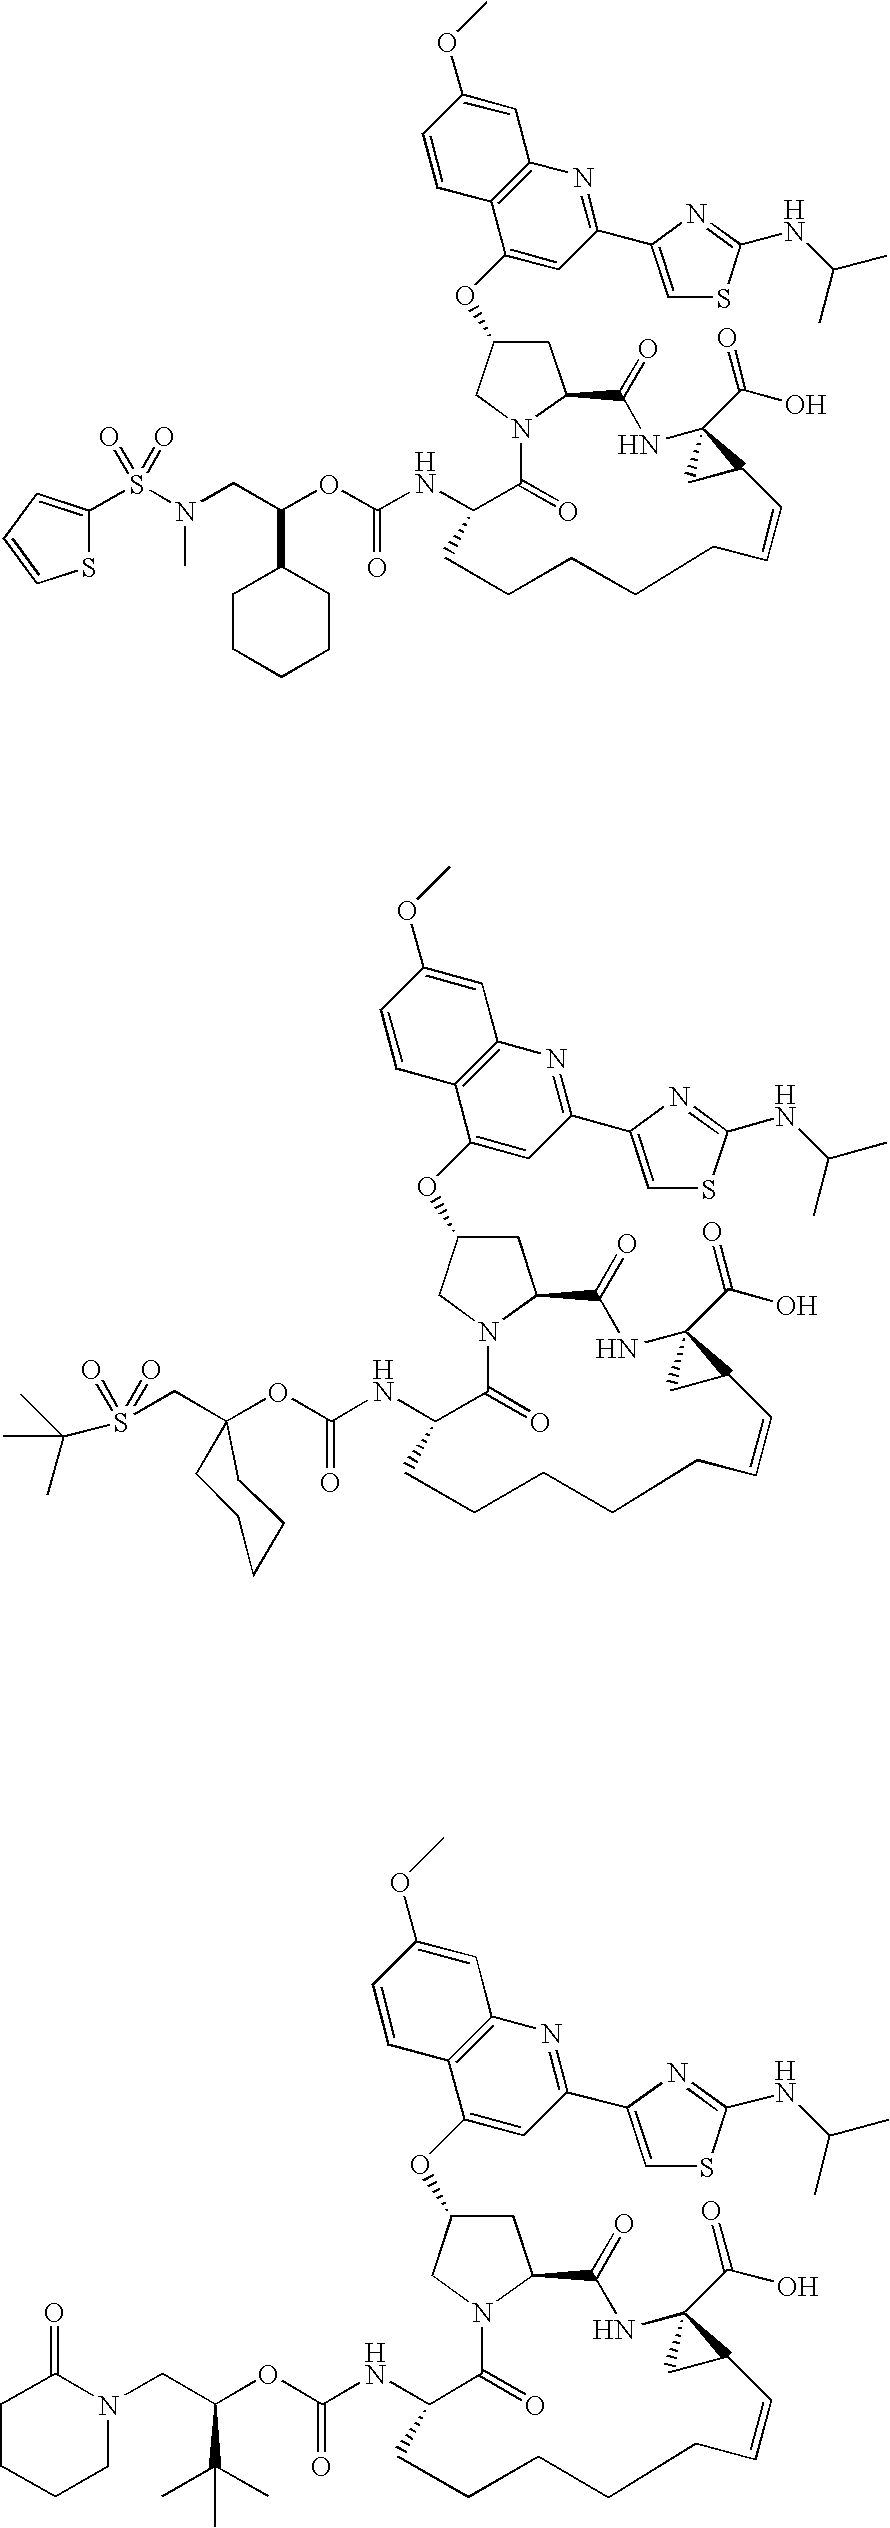 Figure US20060287248A1-20061221-C00180